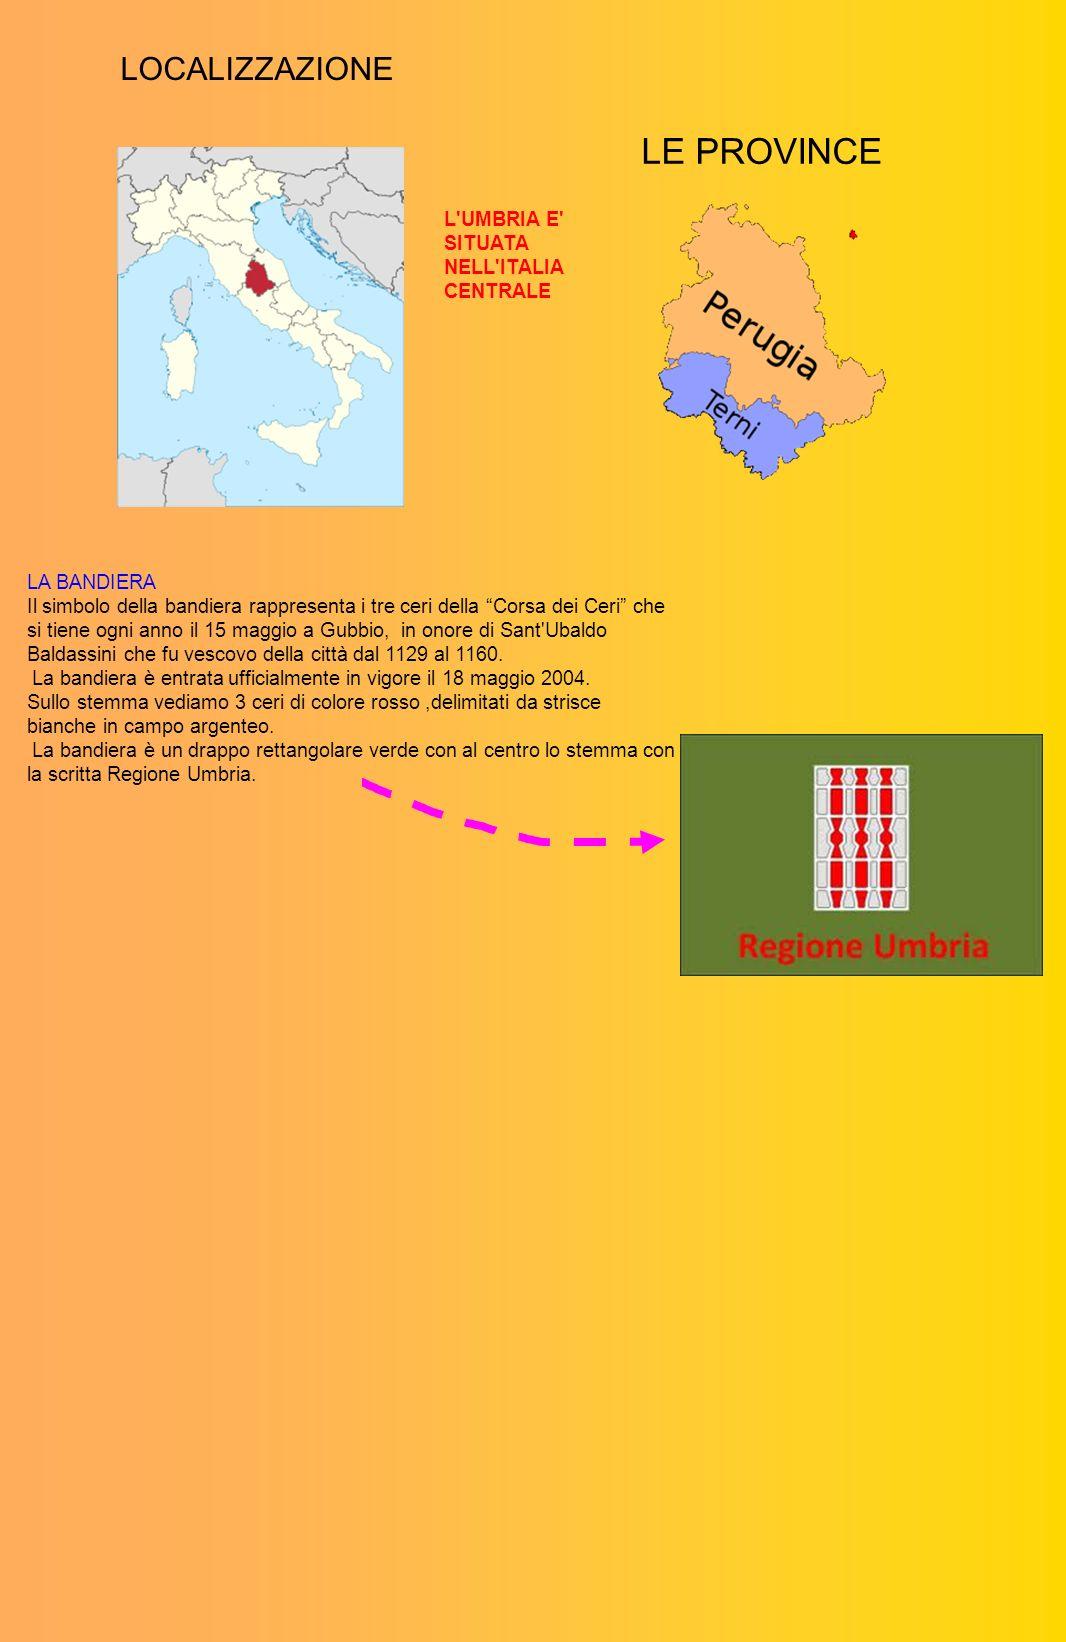 LE PROVINCE LOCALIZZAZIONE L UMBRIA E SITUATA NELL ITALIA CENTRALE